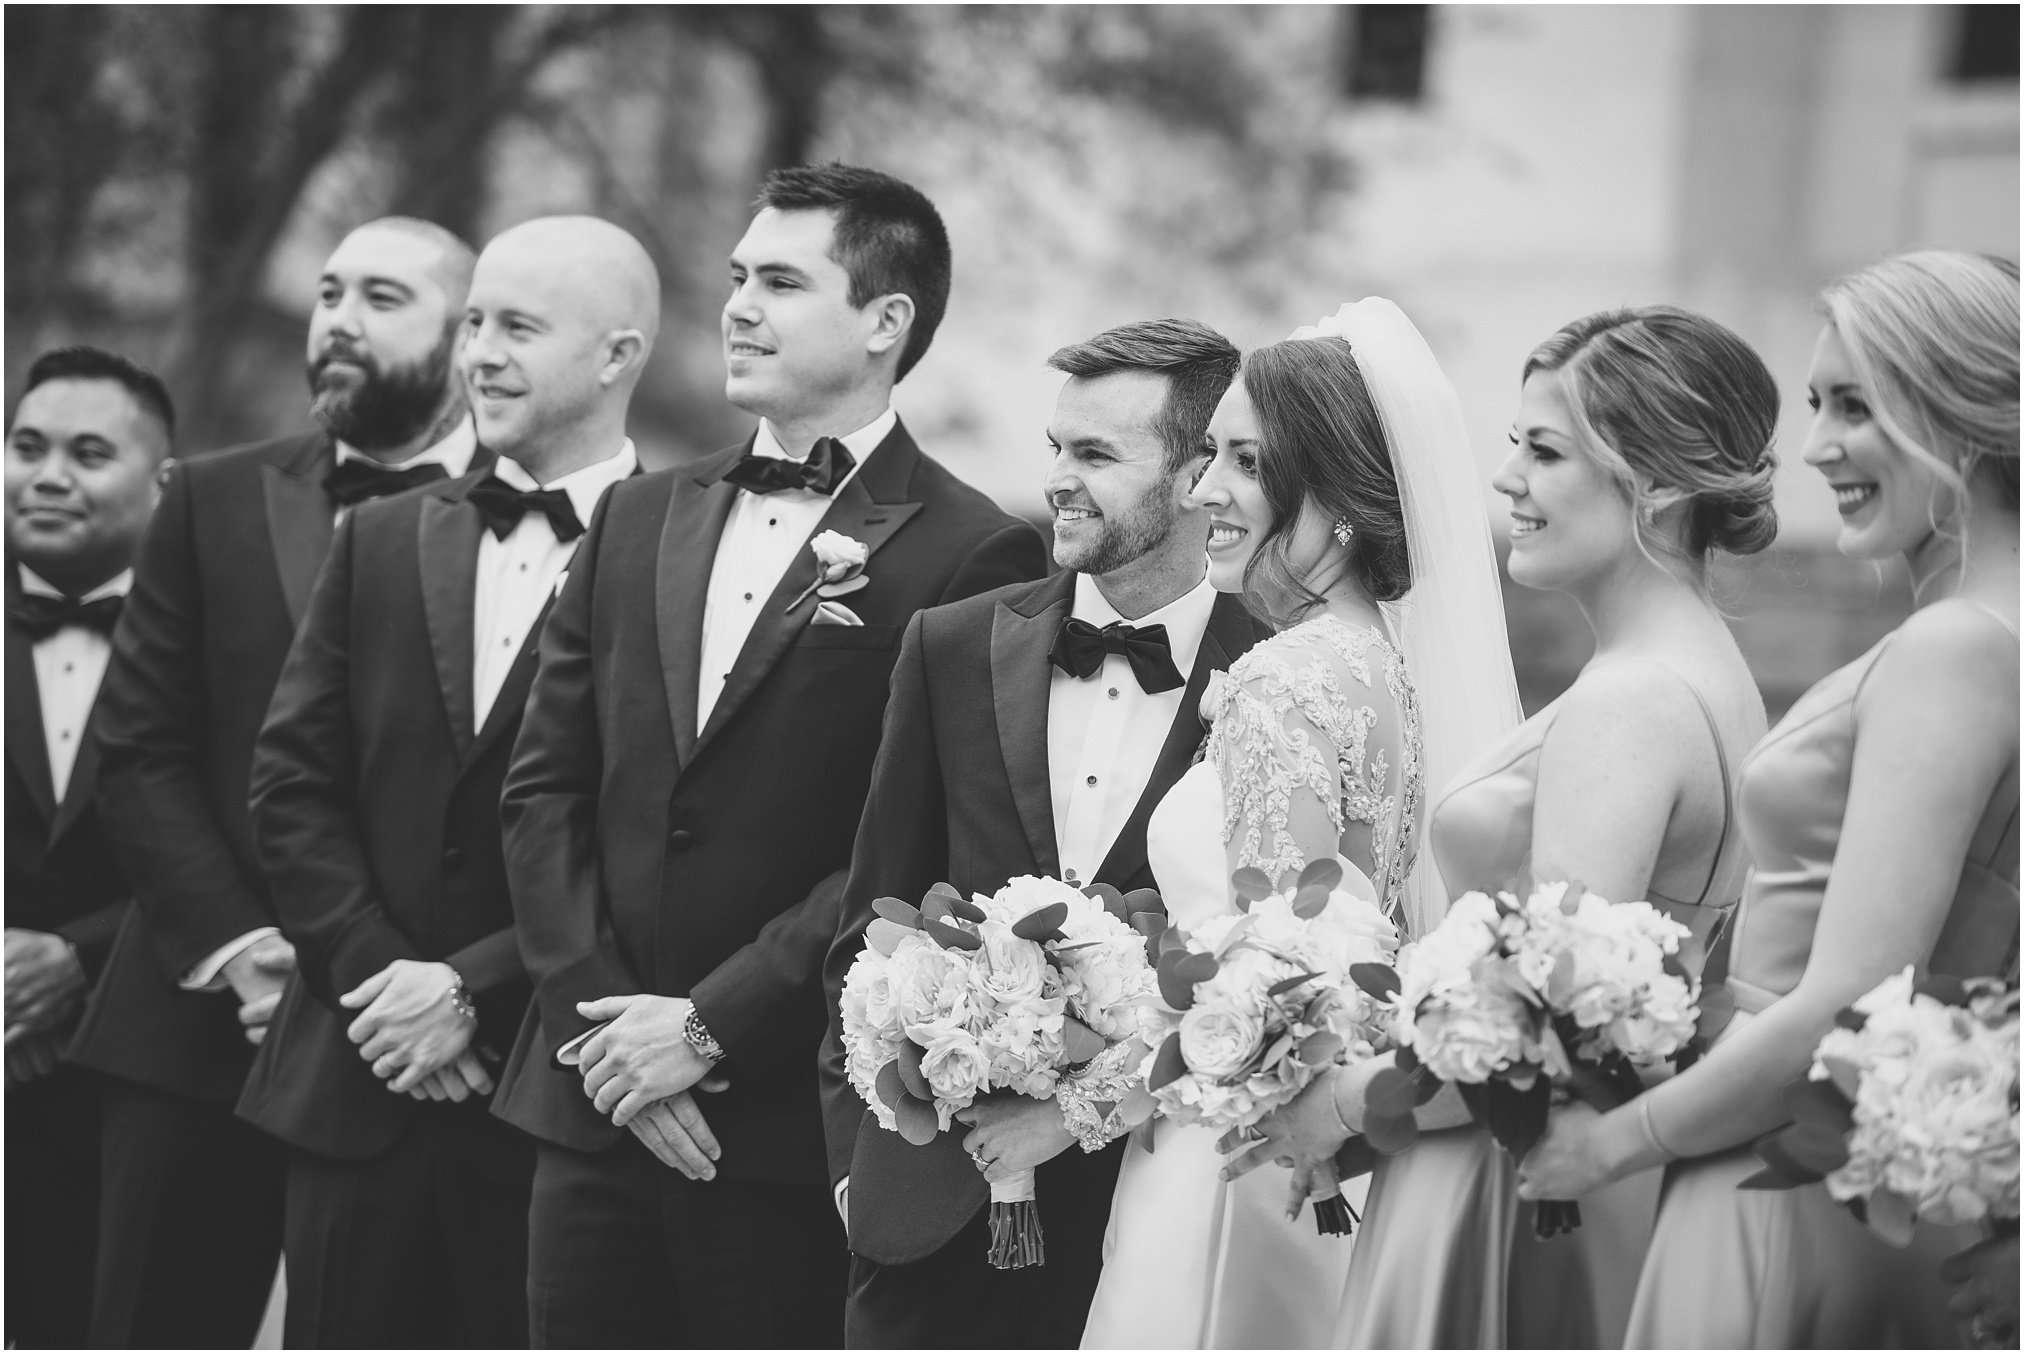 Spring Wedding at the Ohio Statehouse | Columbus Ohio Photography 92